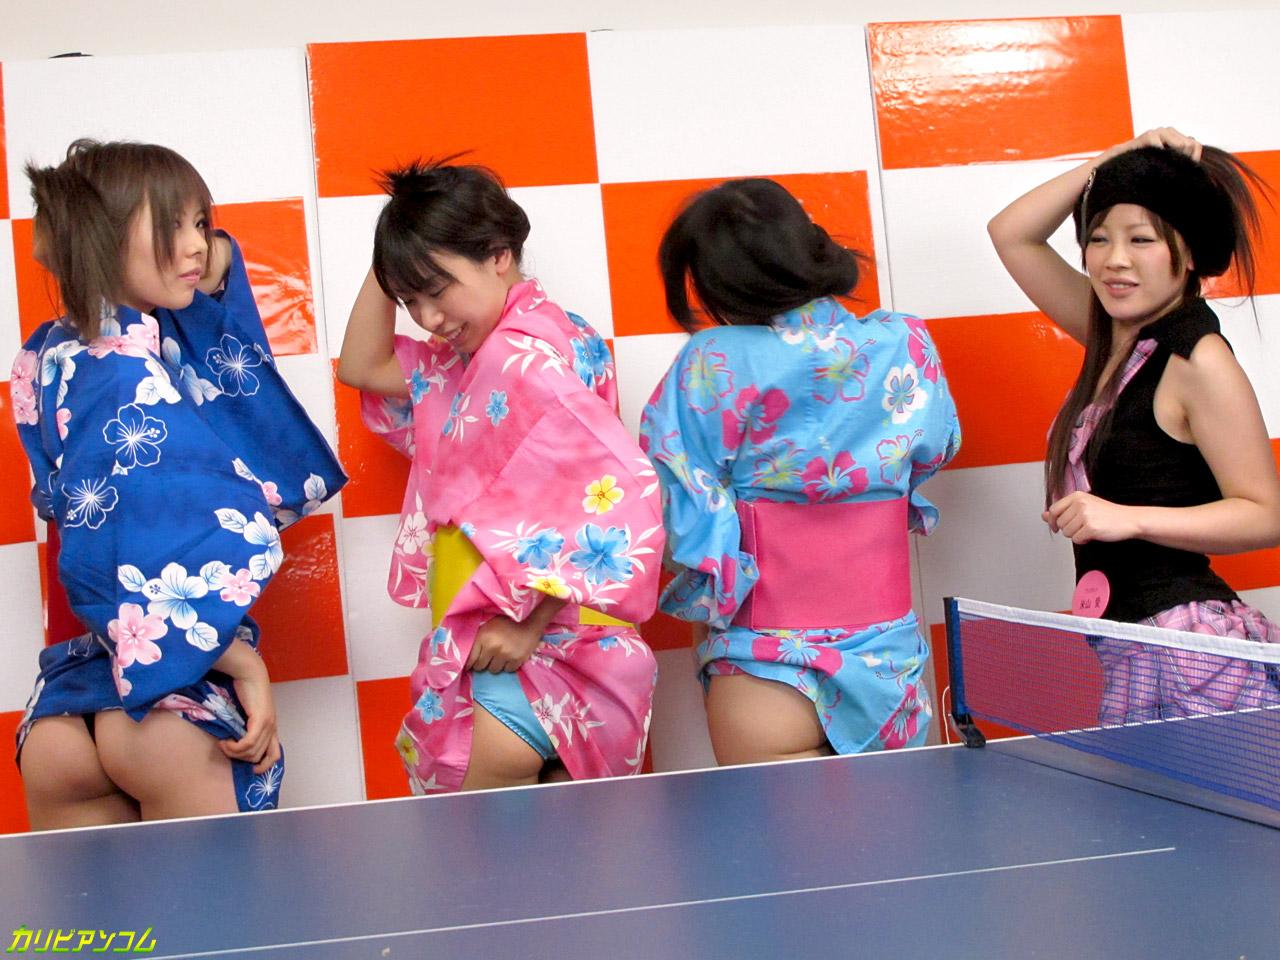 カリビアンTV 第2回 2010年11月6日放送分 脱衣エロ卓球対決!